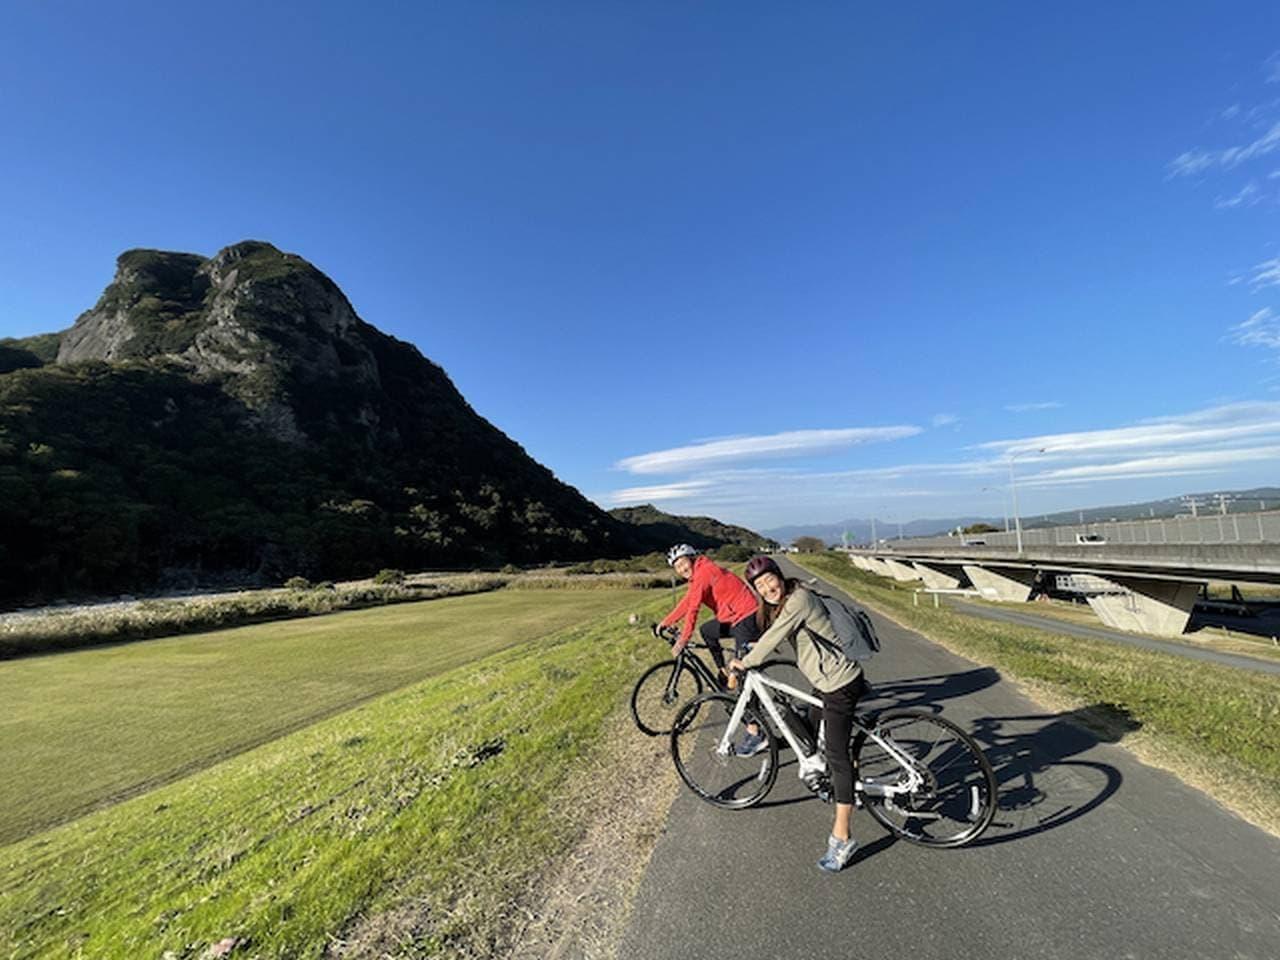 【Go Toトラベル】伊豆で仕事をしながら温泉と自転車を楽しむプラン 11月17日販売開始